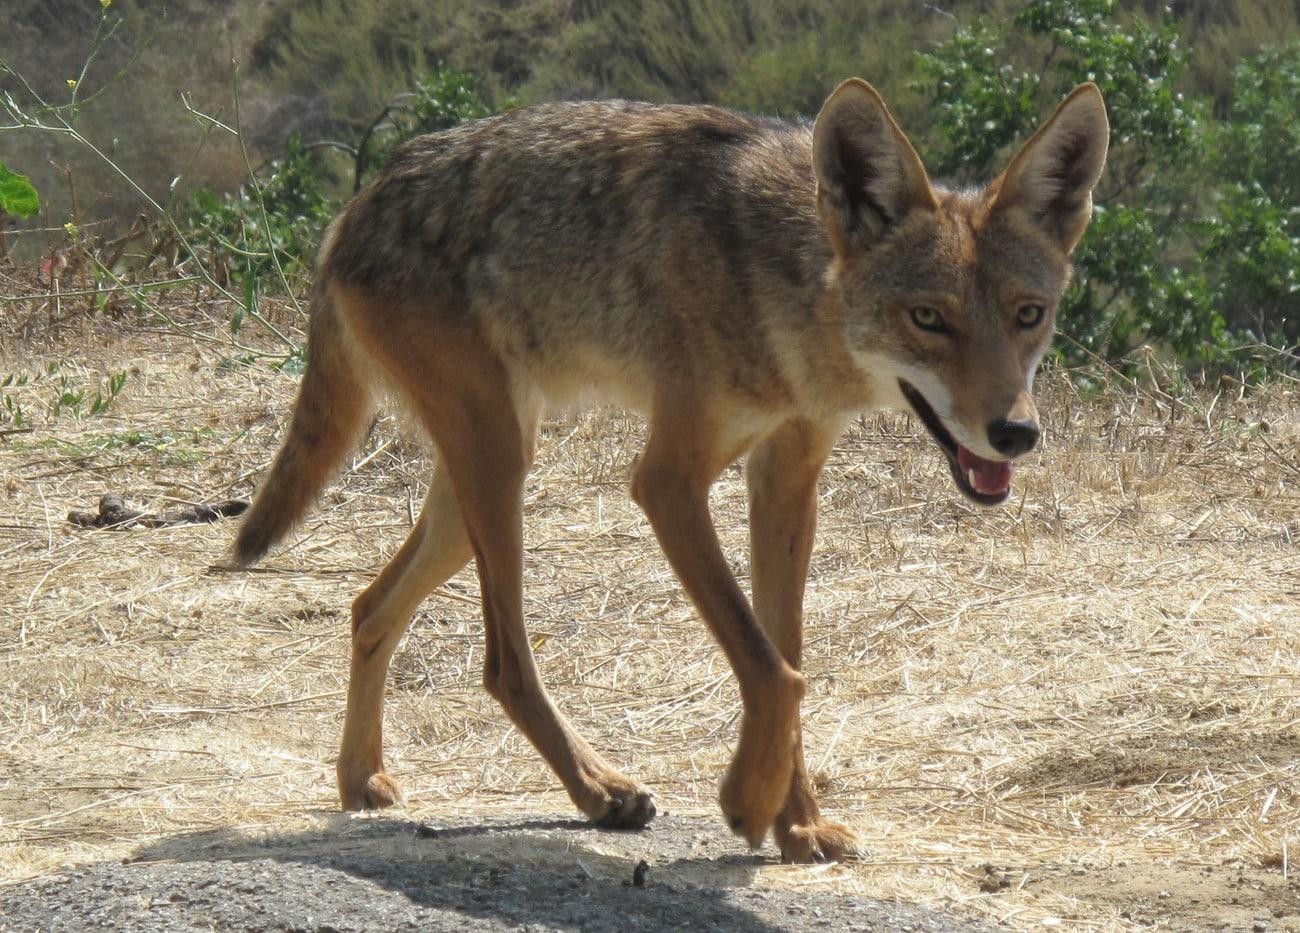 Prärievarg eller coyote omfattas inte av förbundet mot handeln med skyddade arter. Men marknadsförs skinnet som varg kommer saken i ett annat läge. Foto: Coyote Beverley Hills CA by jczart – Hollywood's lonliest